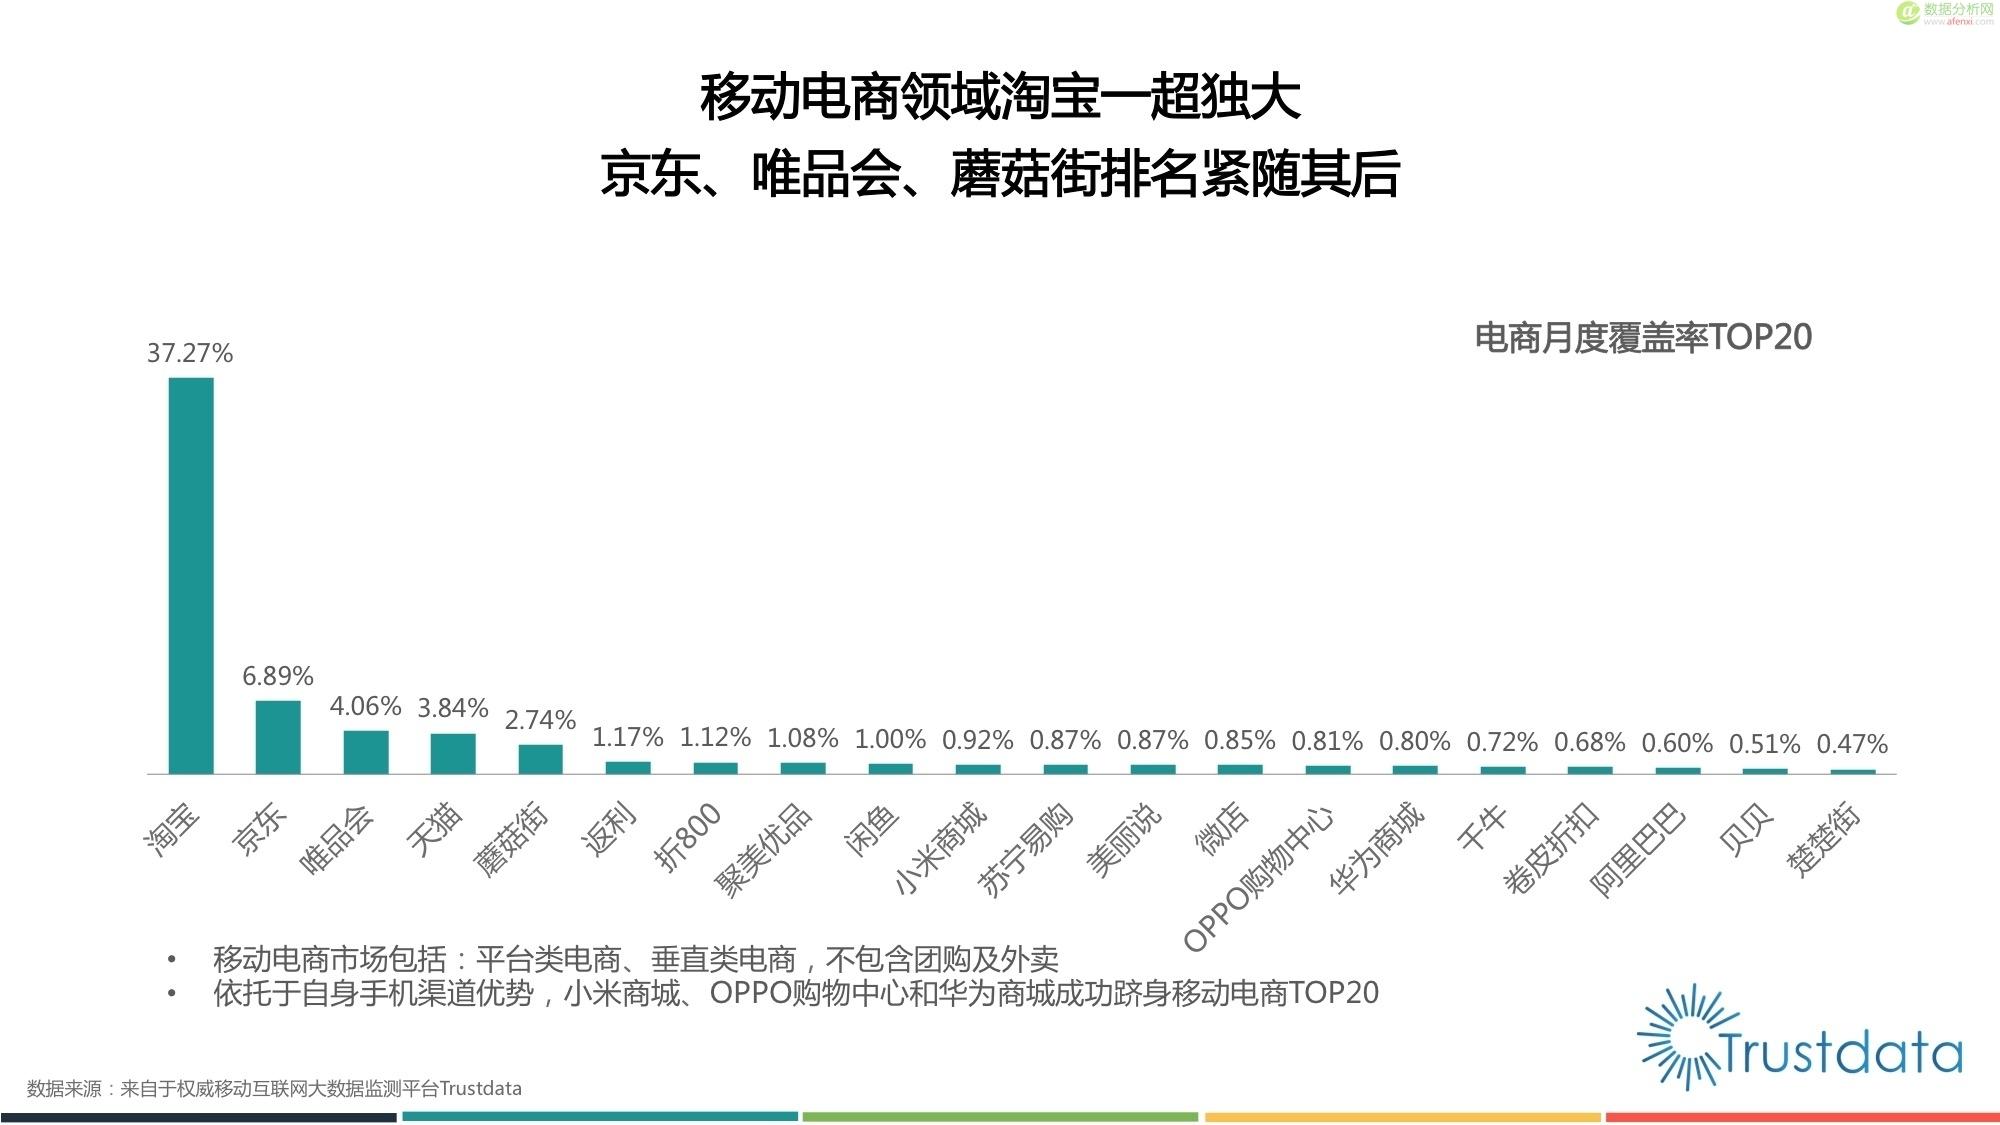 Trustdata:《2015年中国移动互联网行业发展分析报告》